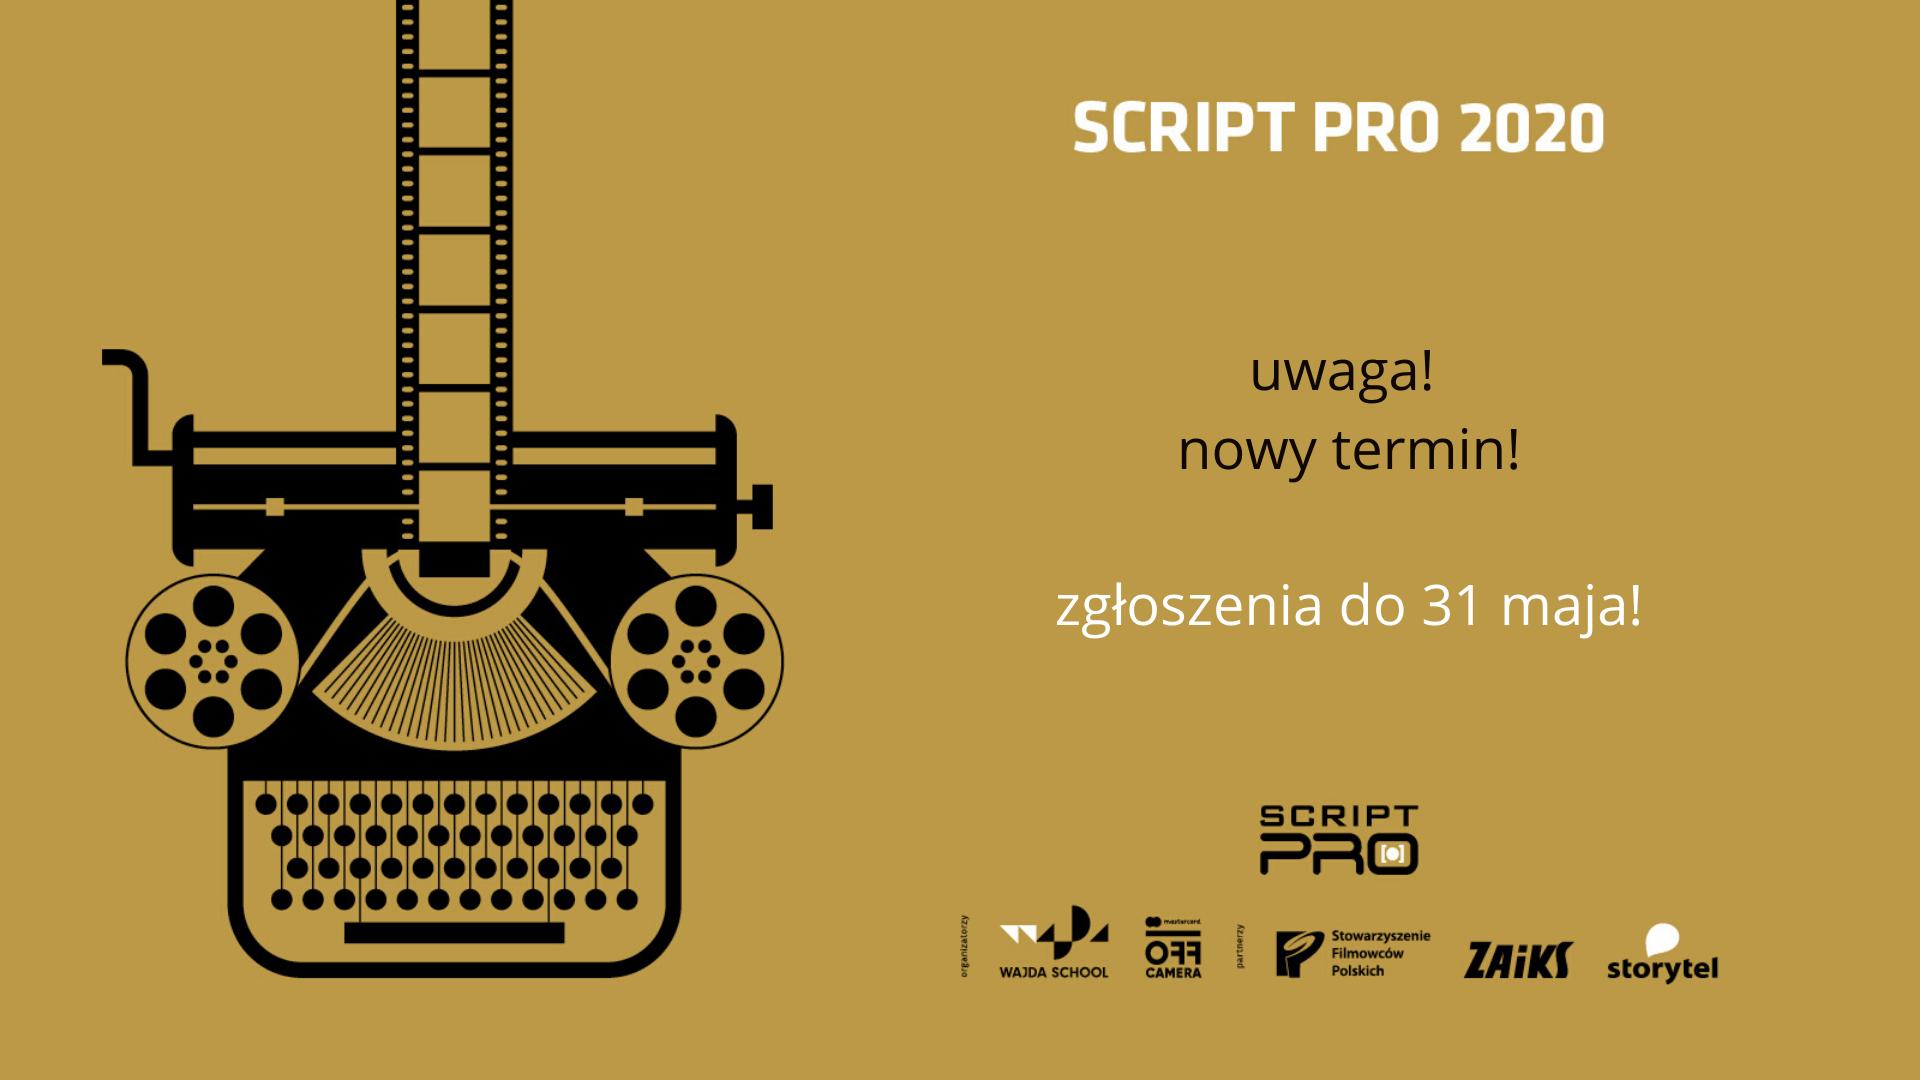 Nabór na Script Pro 2020